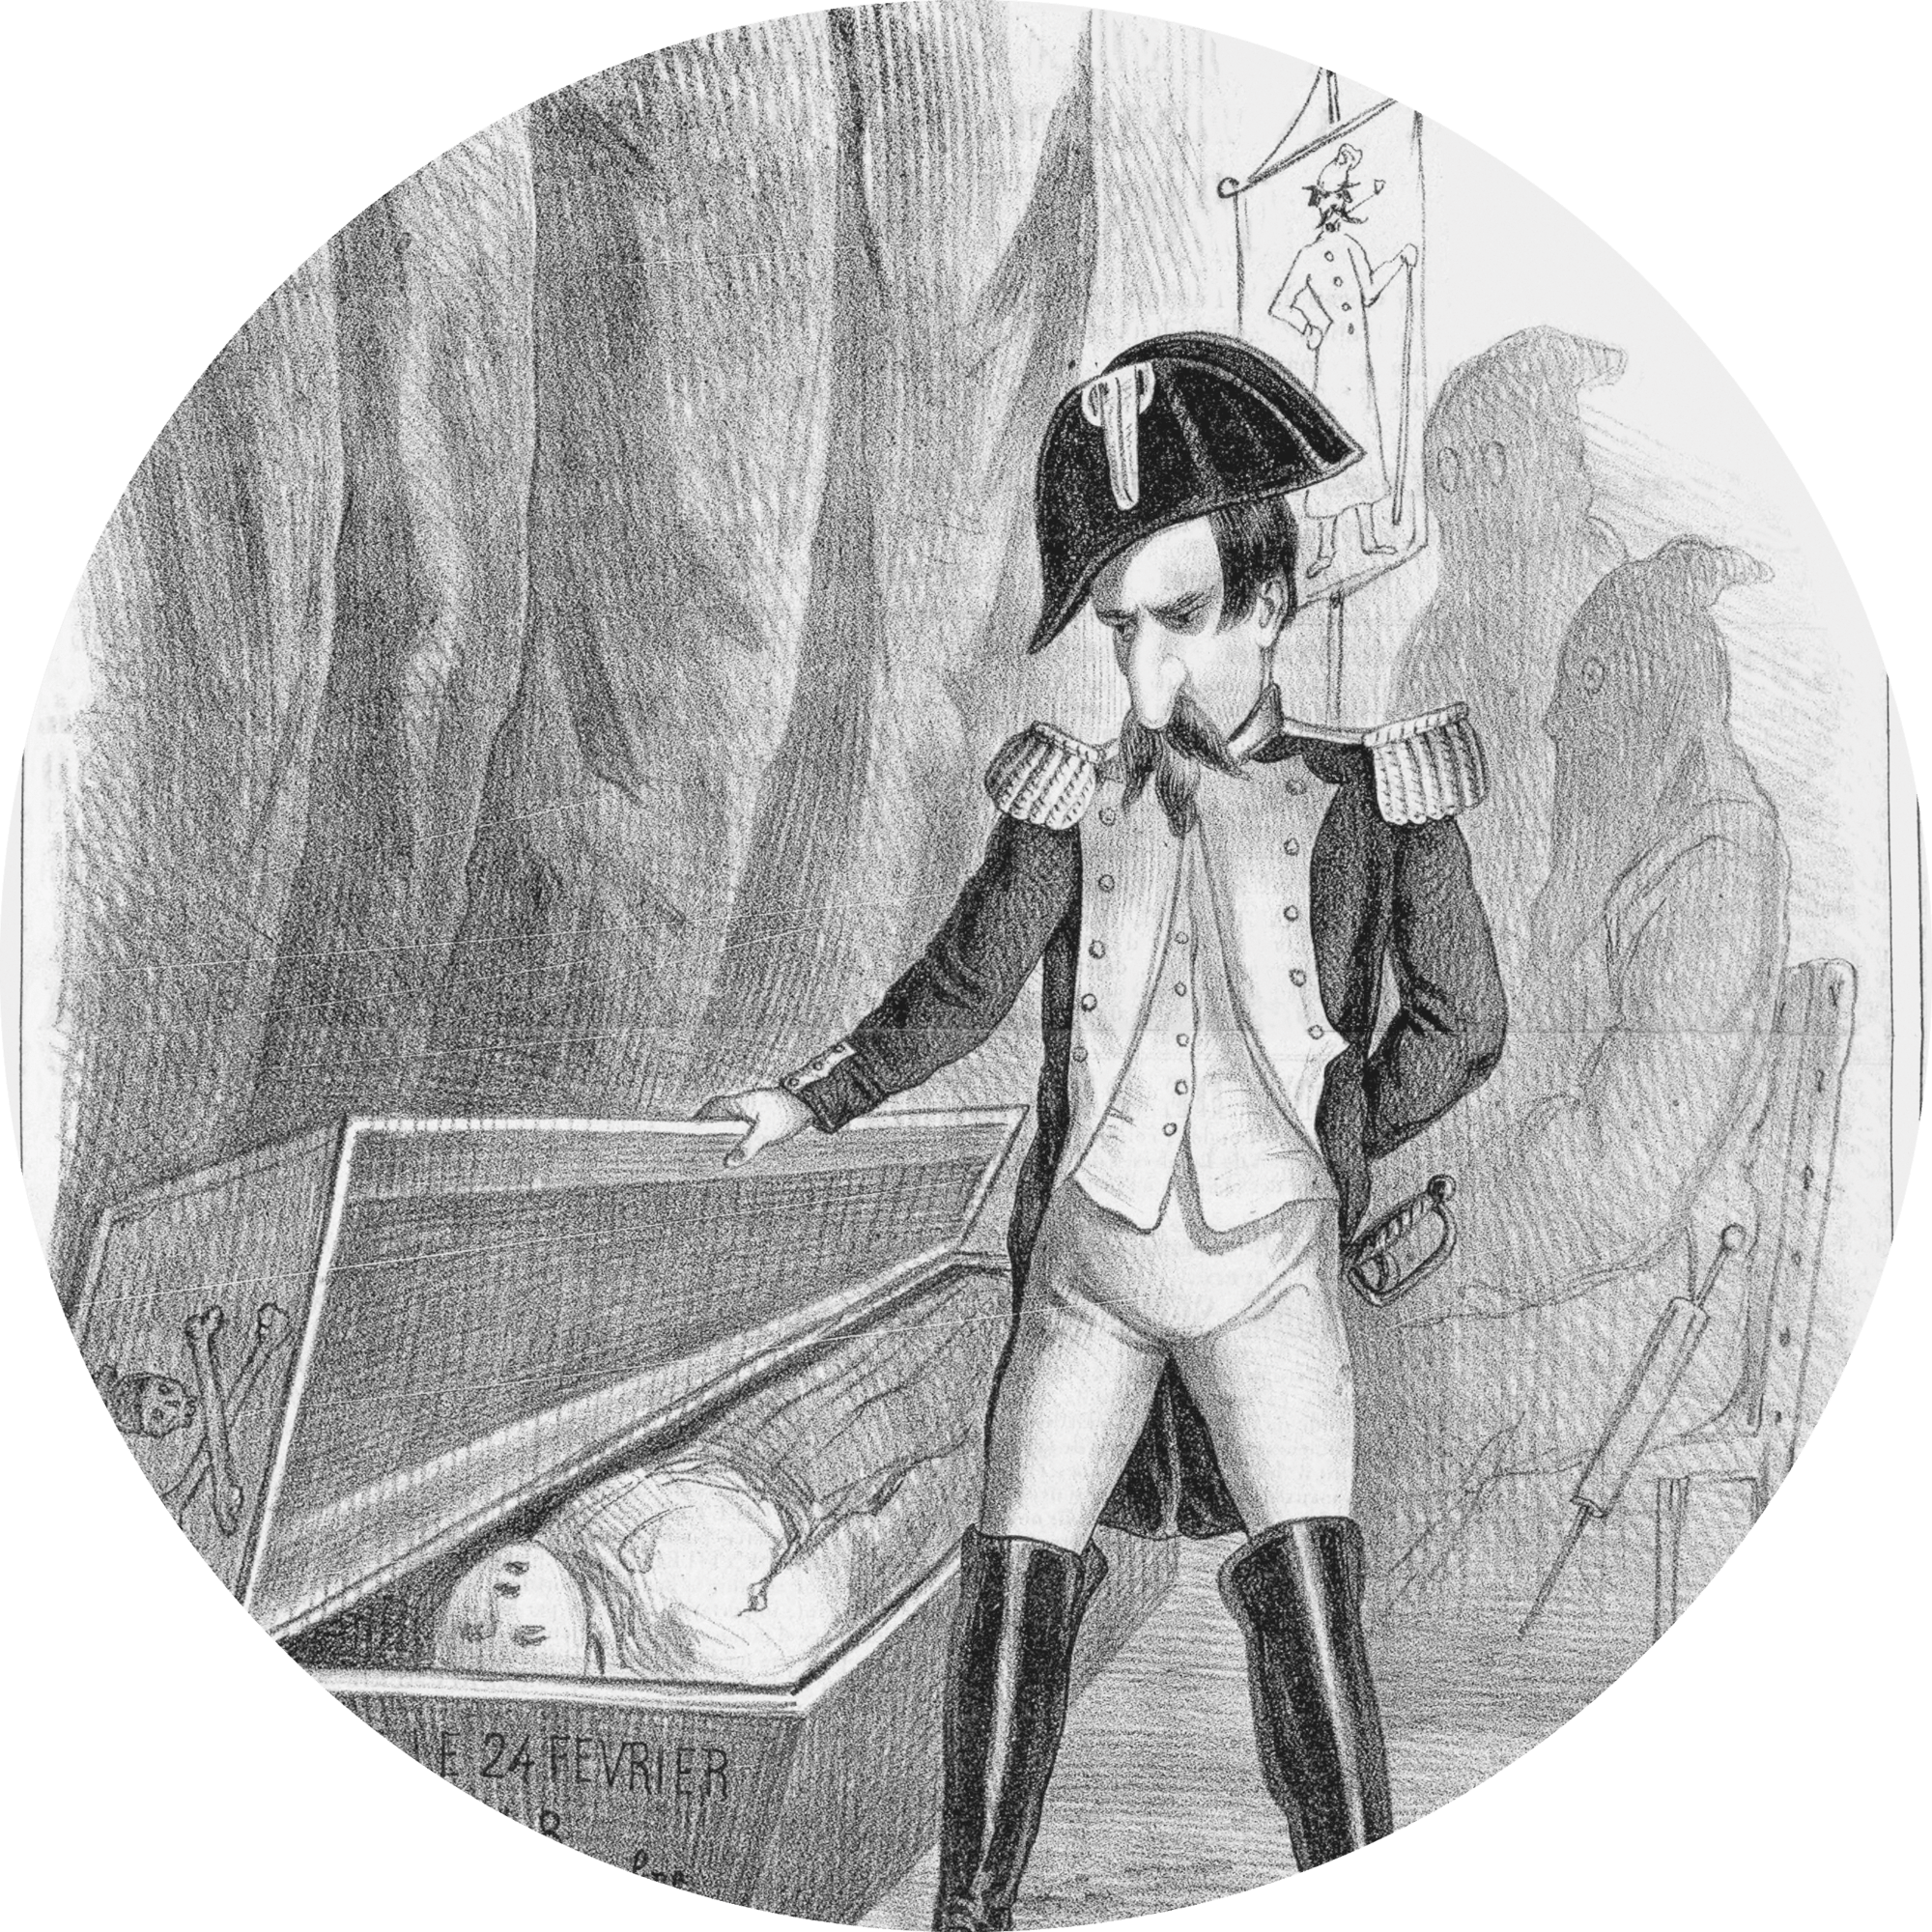 Le 2 décembre, date clé de la dynastie napoléonienne